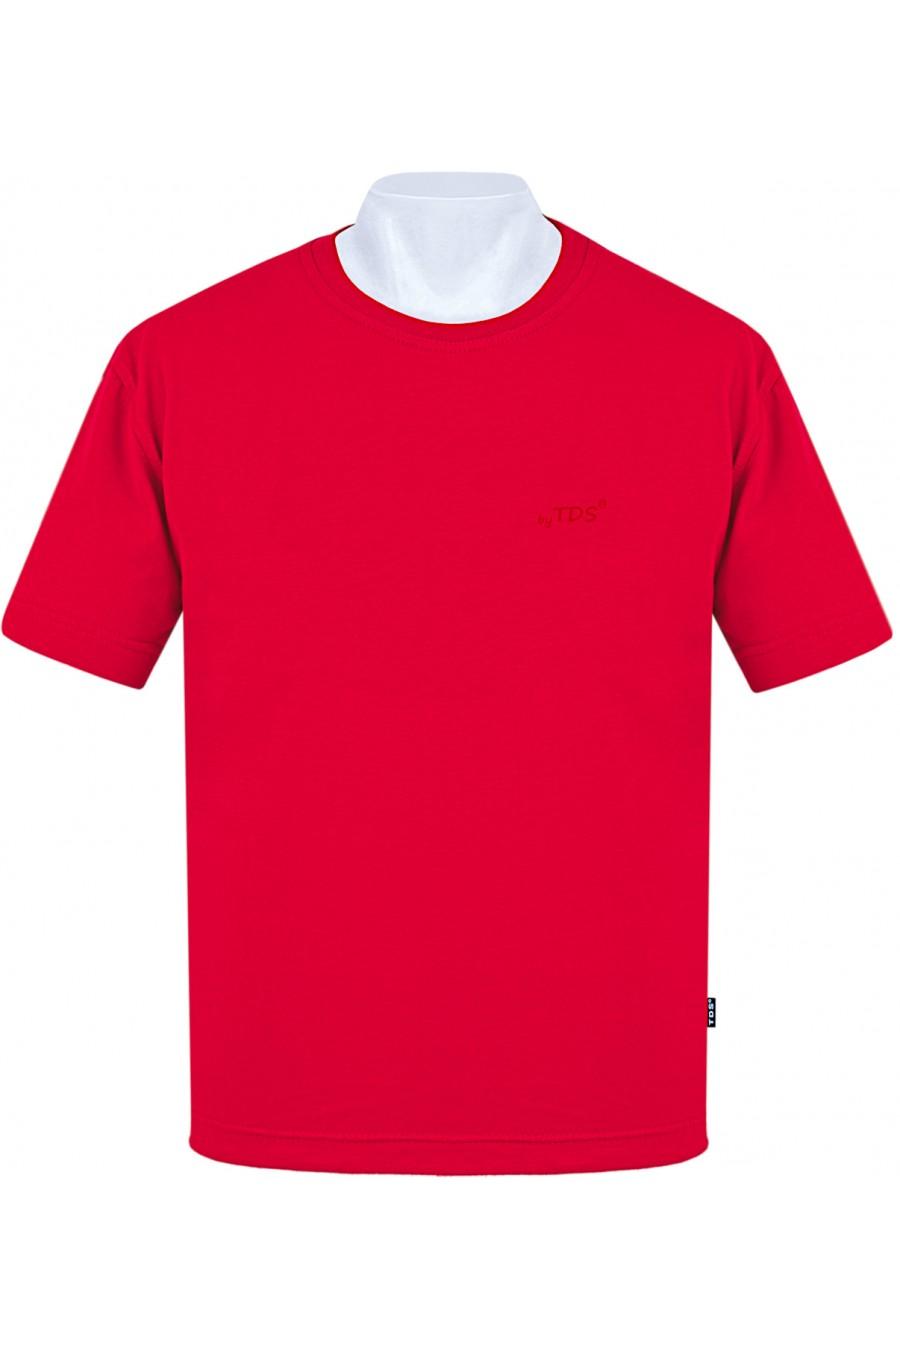 Koszulka Sportowa TS CLASSIC czerwona